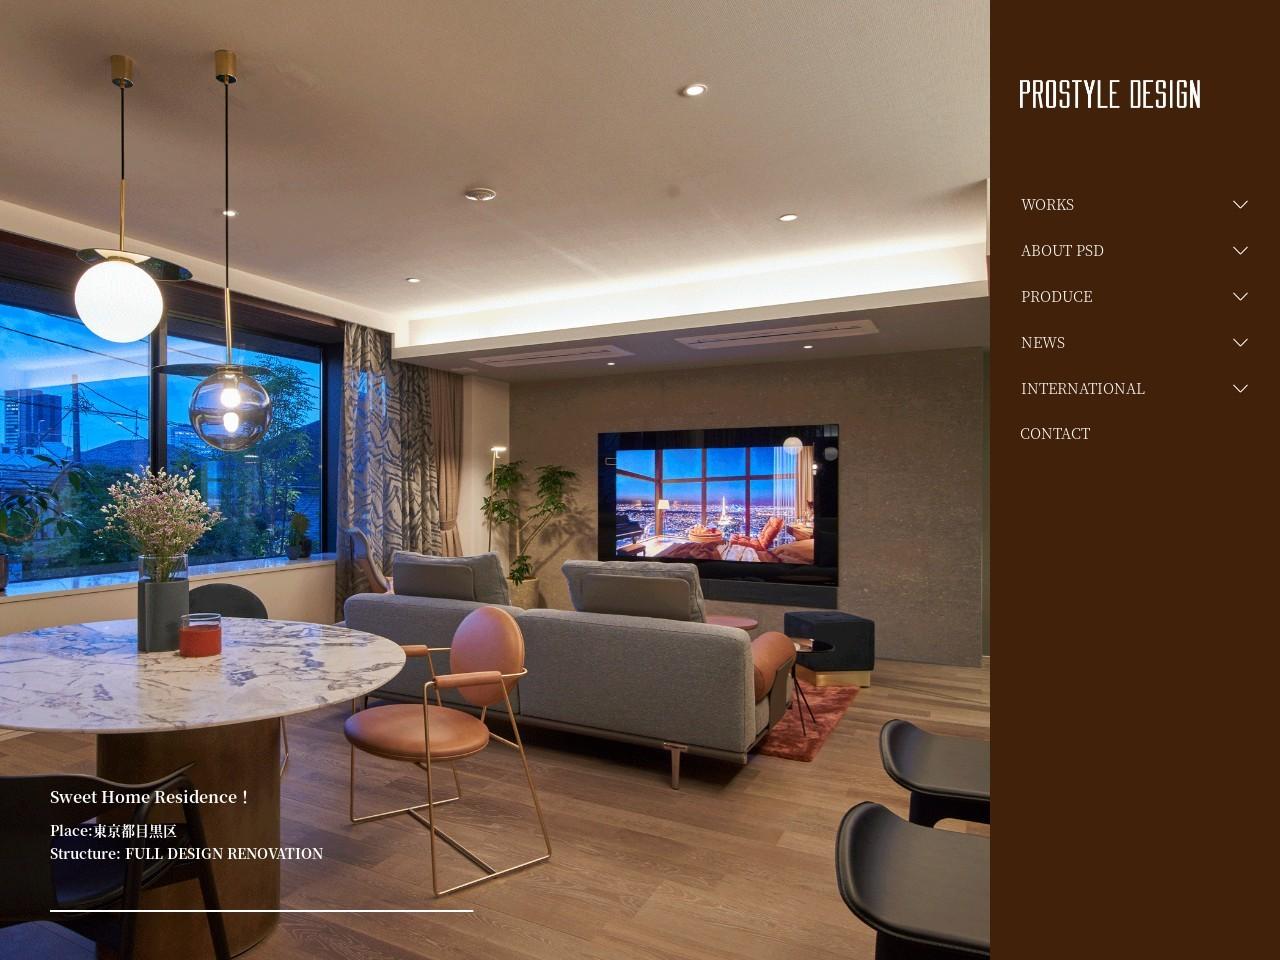 プロスタイルデザイン株式会社